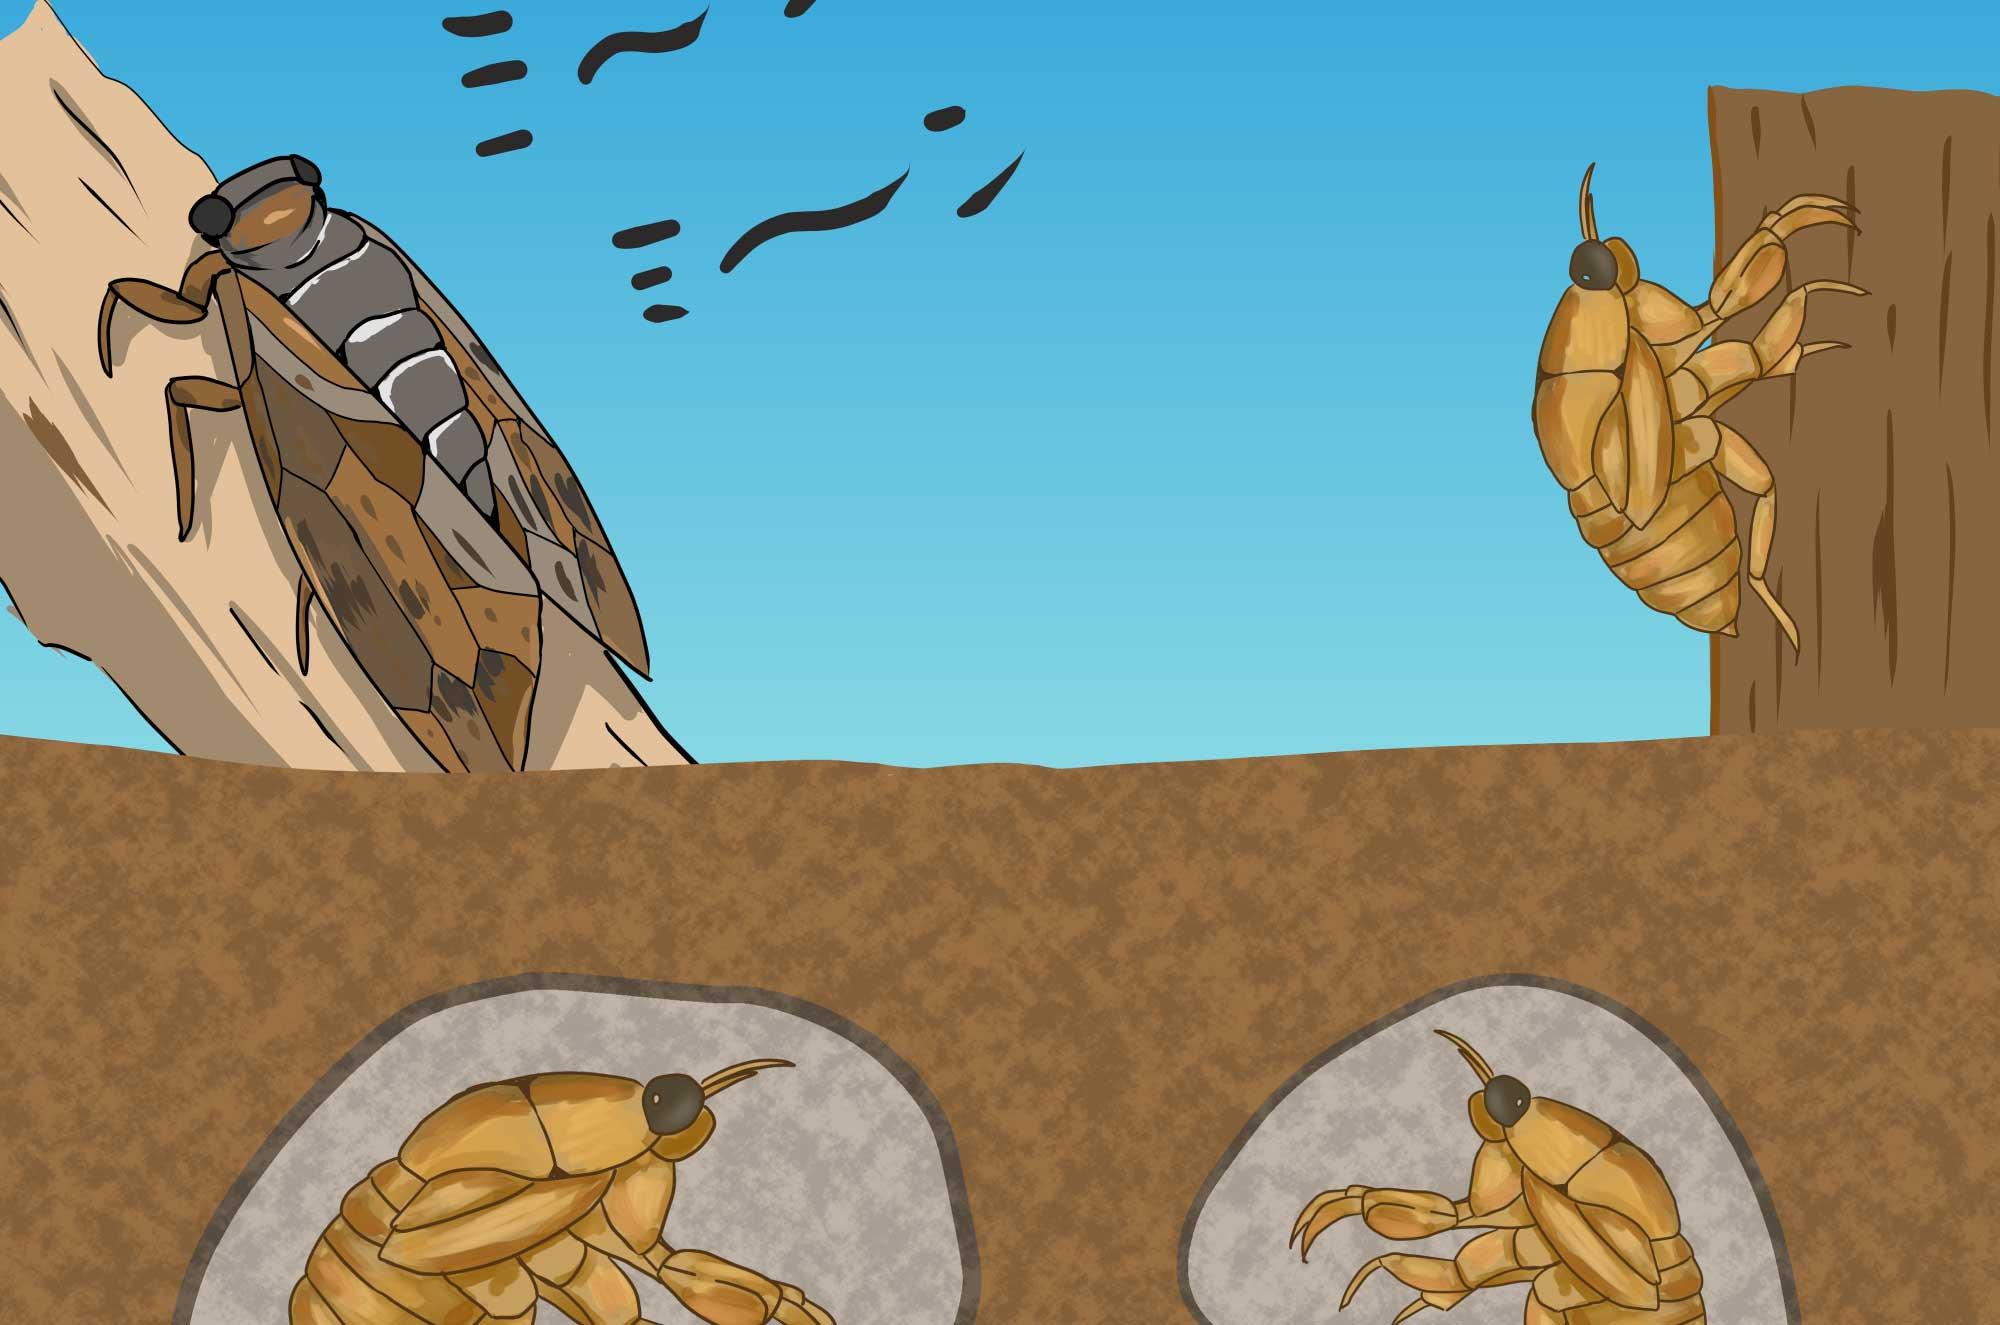 セミのイラスト - 土の中の幼虫と羽の生えた成虫